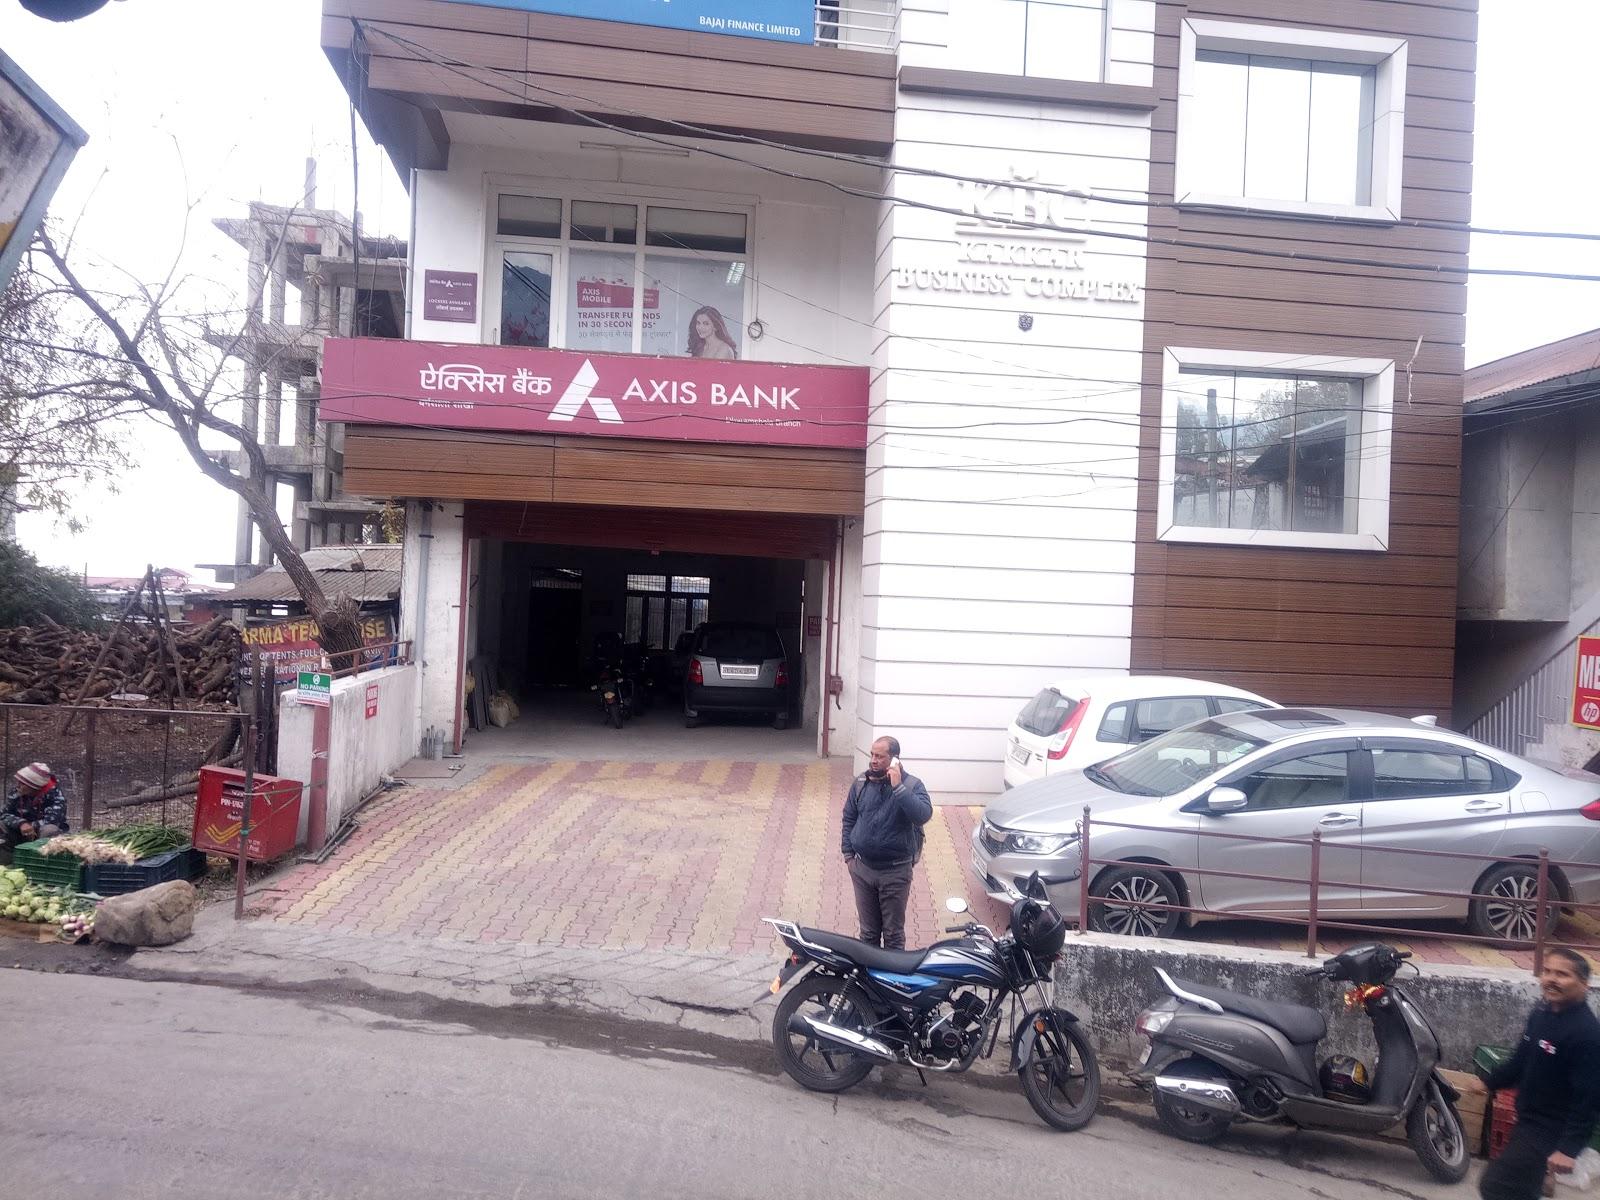 blood bank Axis Bank near Kangra Himachal Pradesh